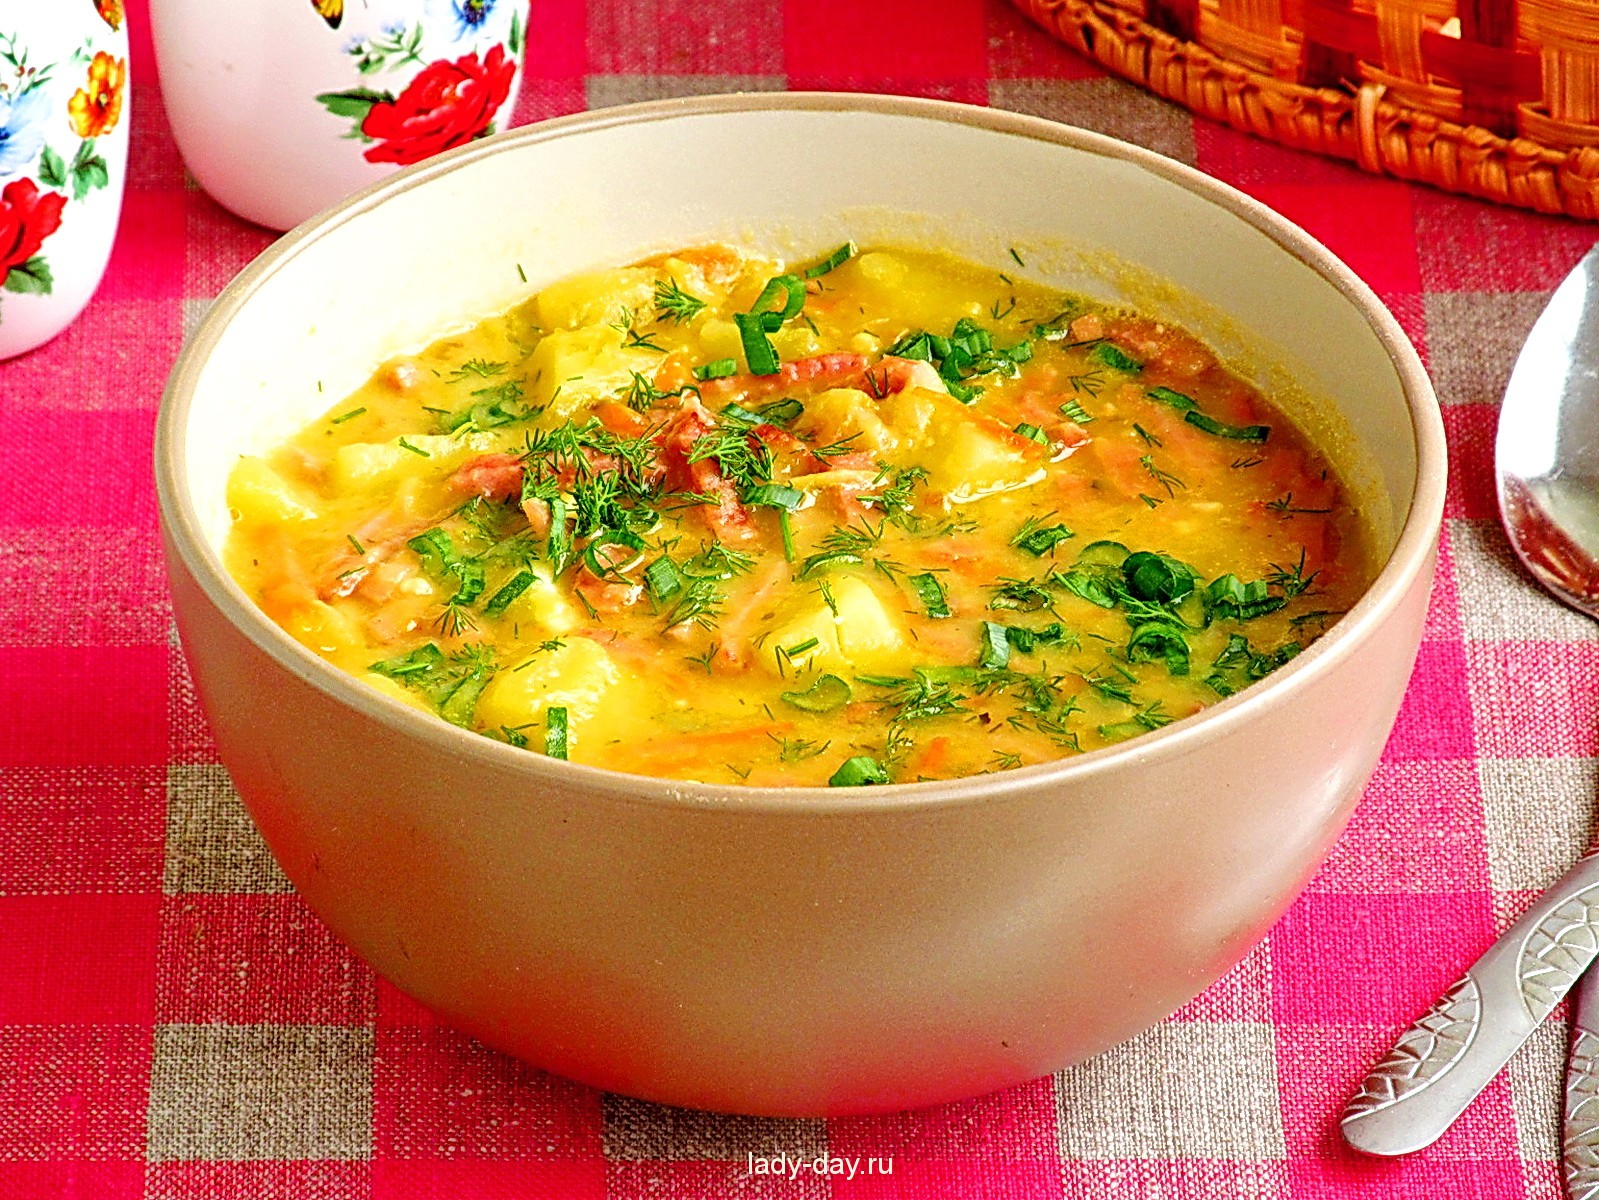 гороховый суп рецепт с копченой колбасой с фото пошагово